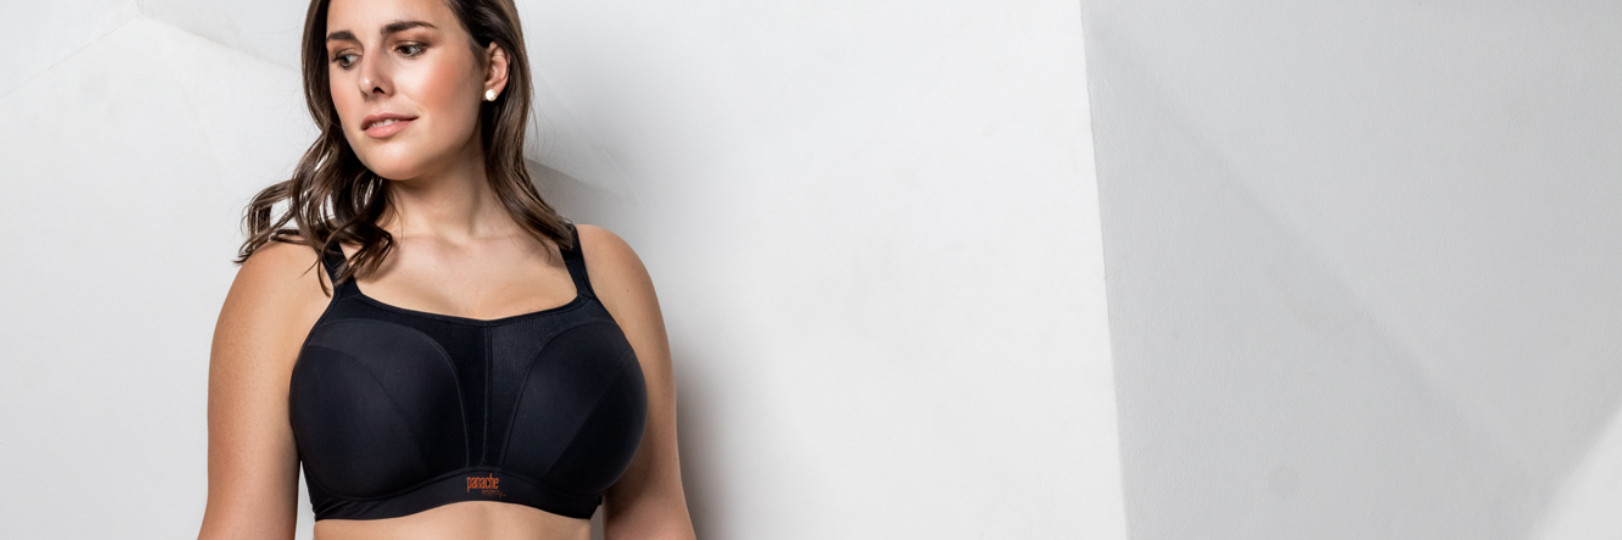 Sportovní podprsenka pro velká prsa Panache Sport